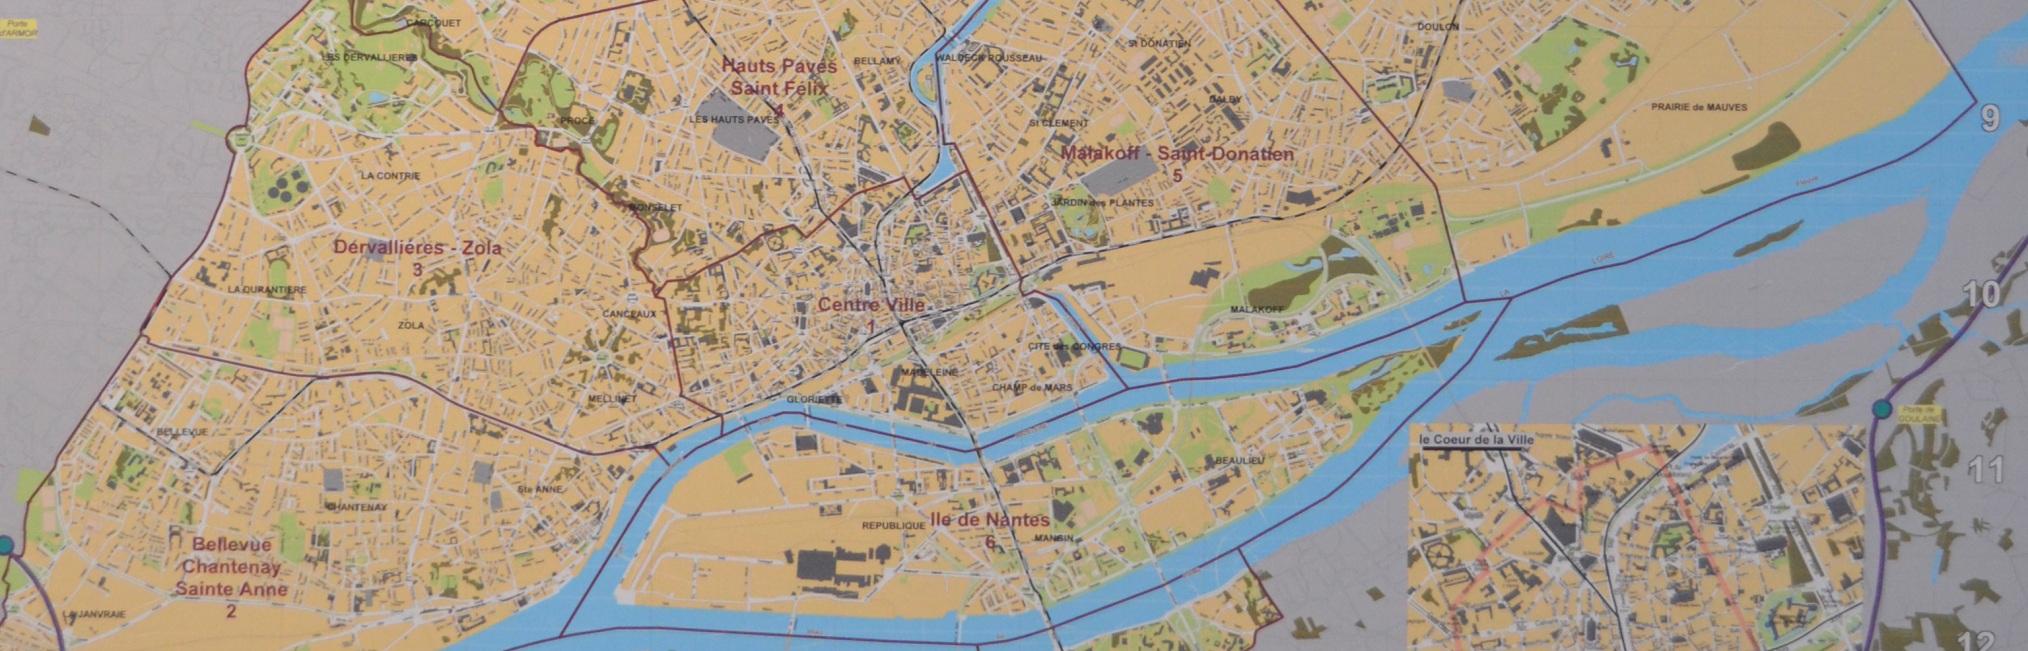 Plan Nantes 2016